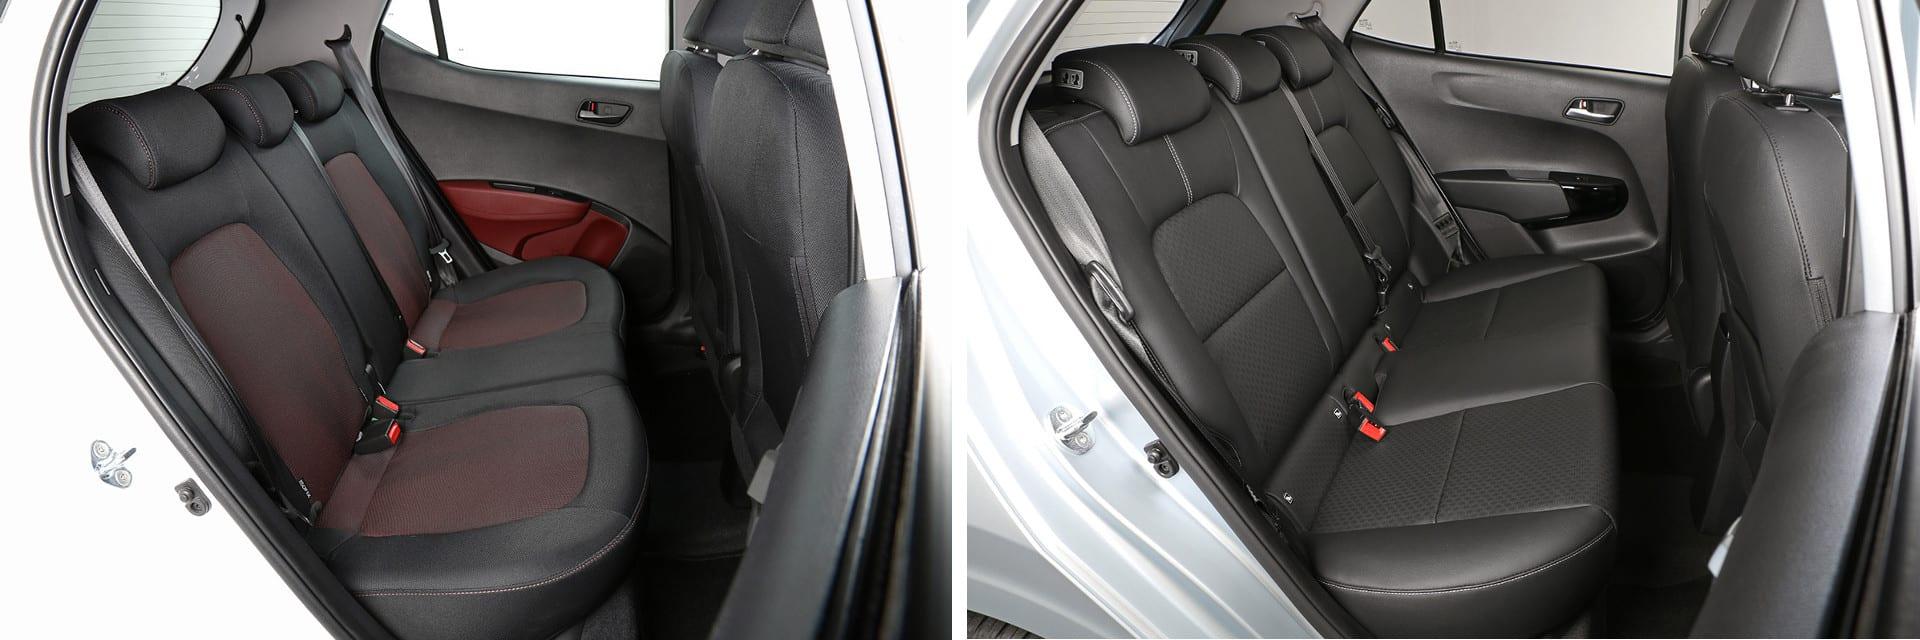 El Hyundai i10 (izq.) cuenta con mayor espacio en las plazas traseras.